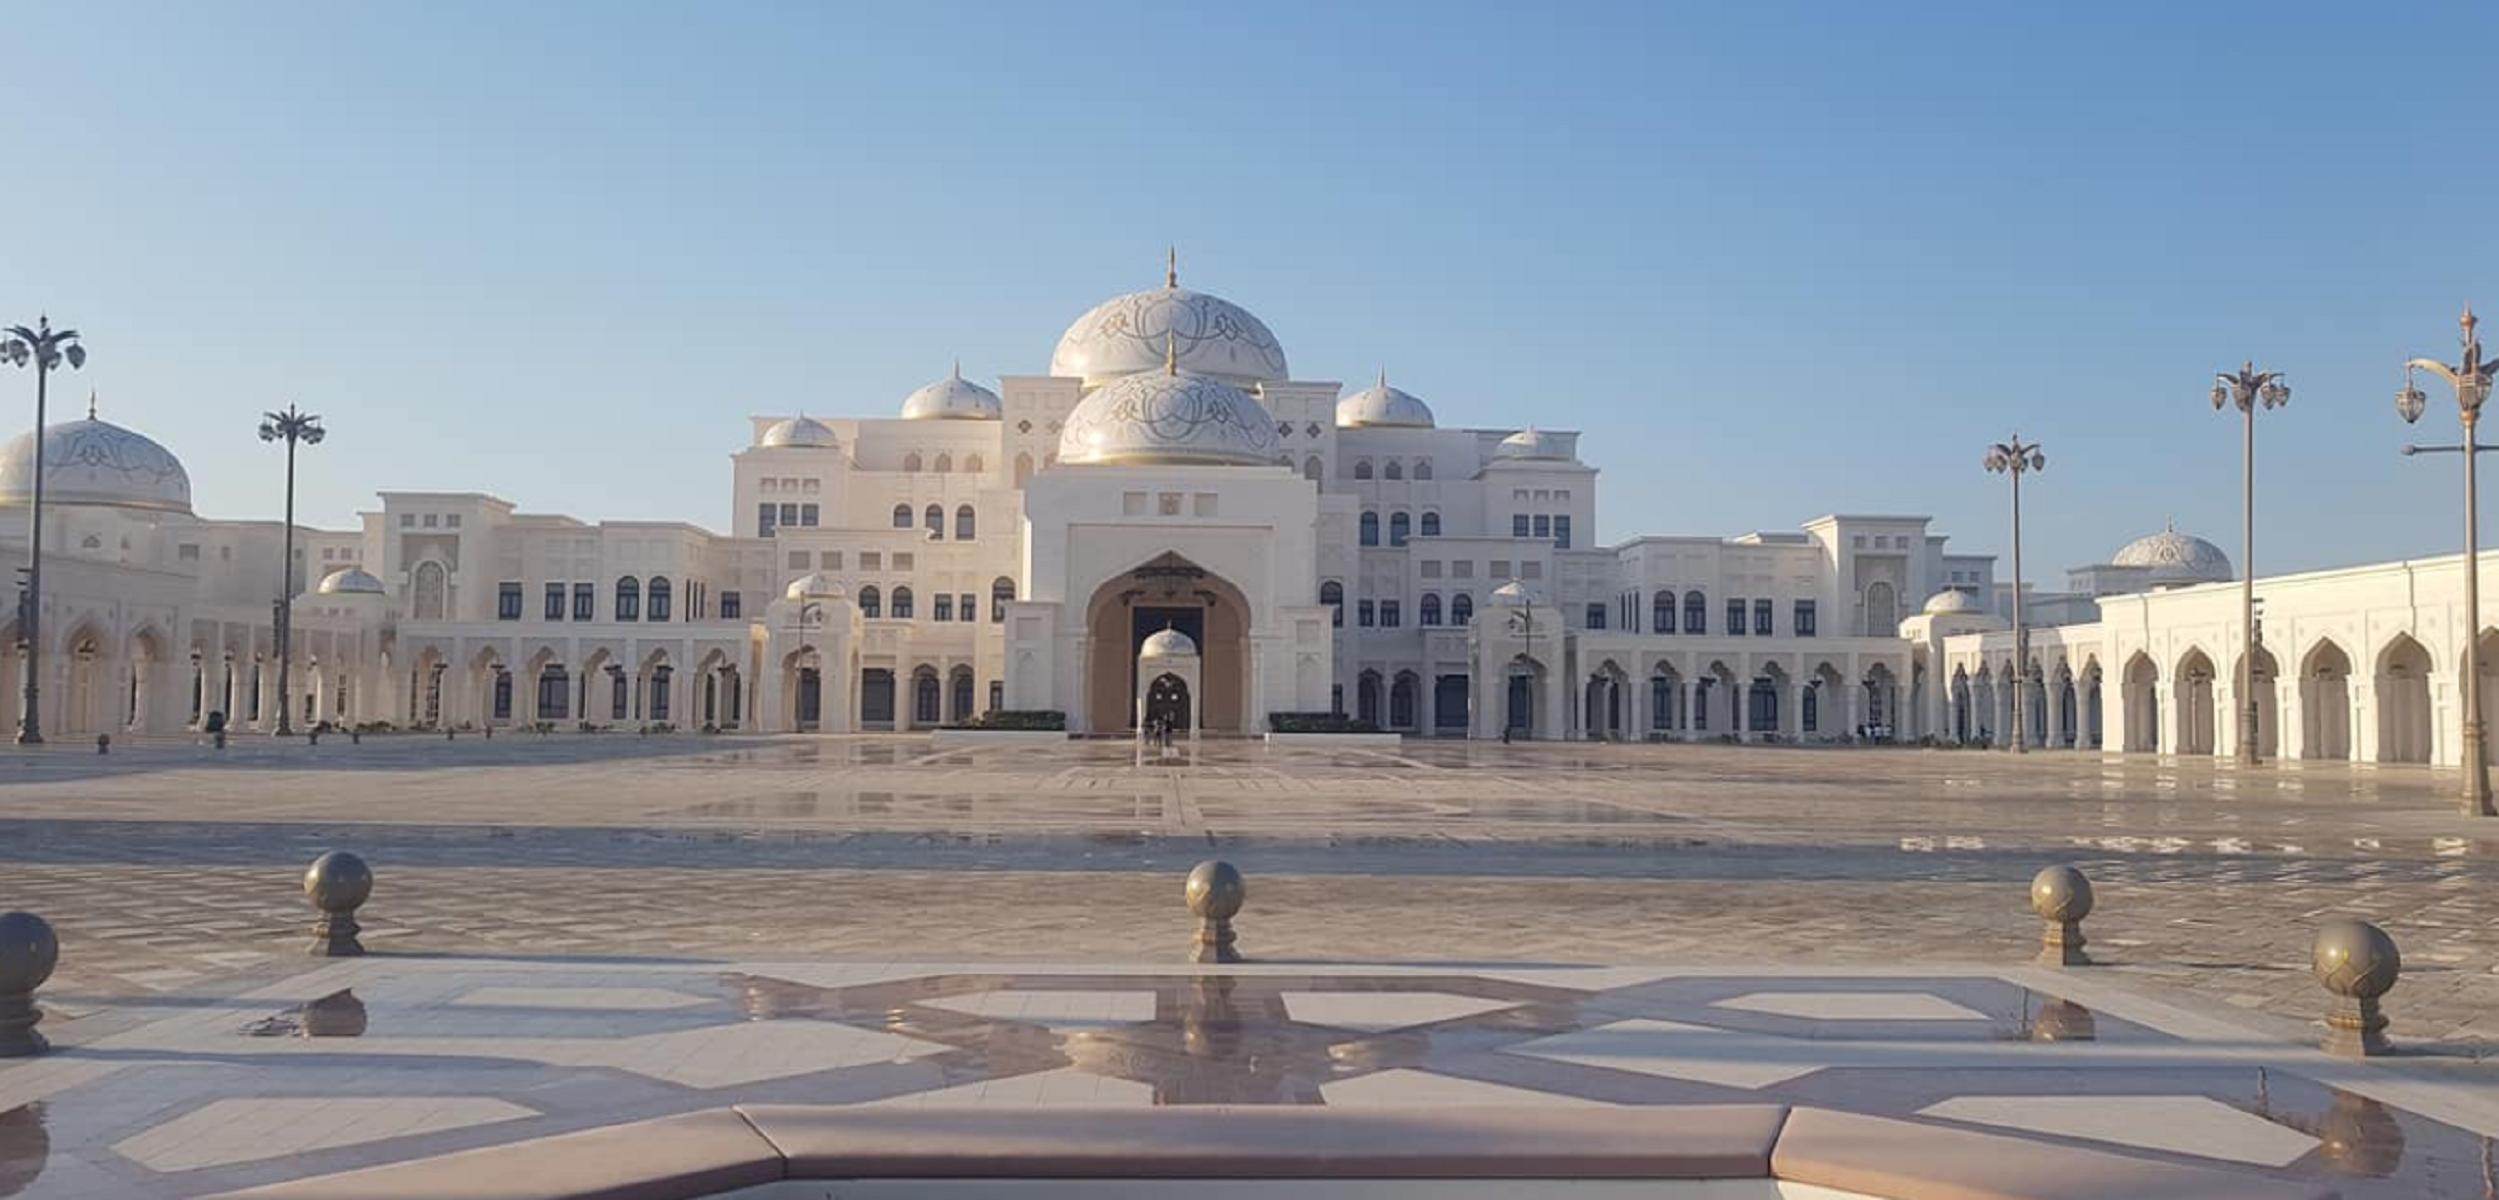 Il palazzo presidenziale Abu Dhabi apre per la prima volta al pubblico